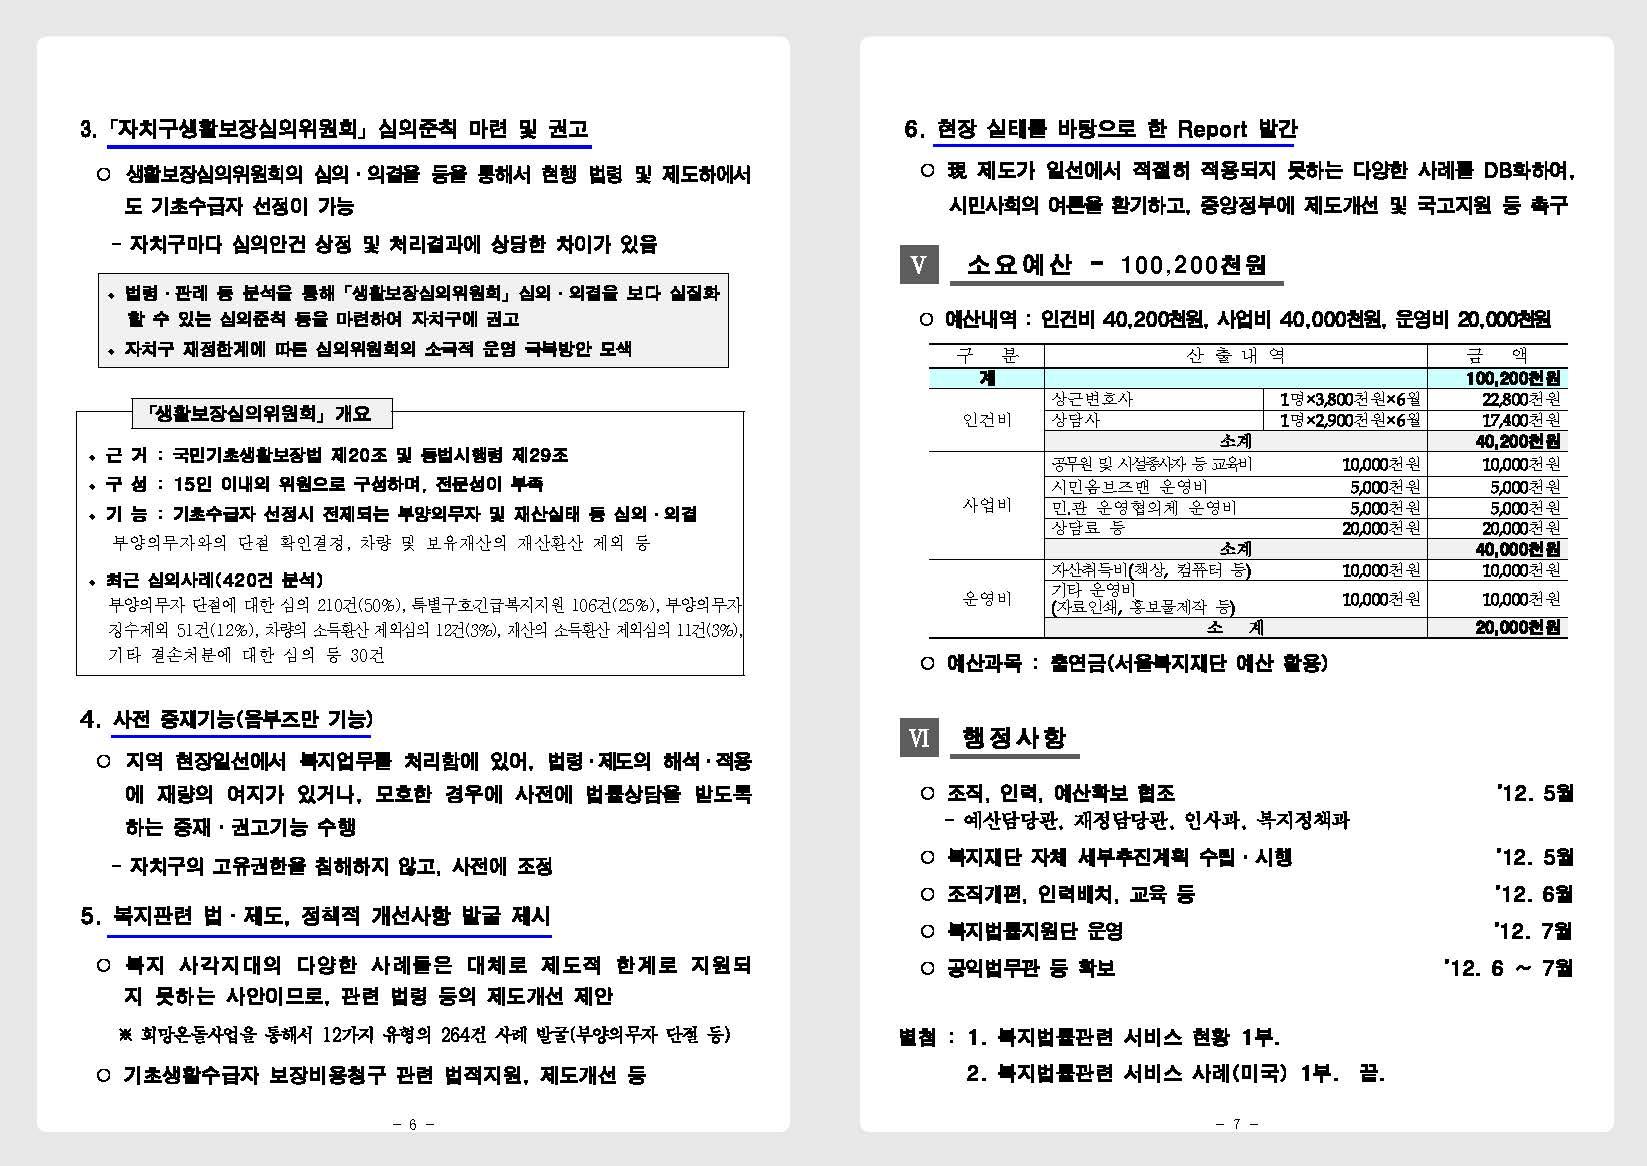 서울복지법률지원단 설치운영계획서_페이지_4.jpg